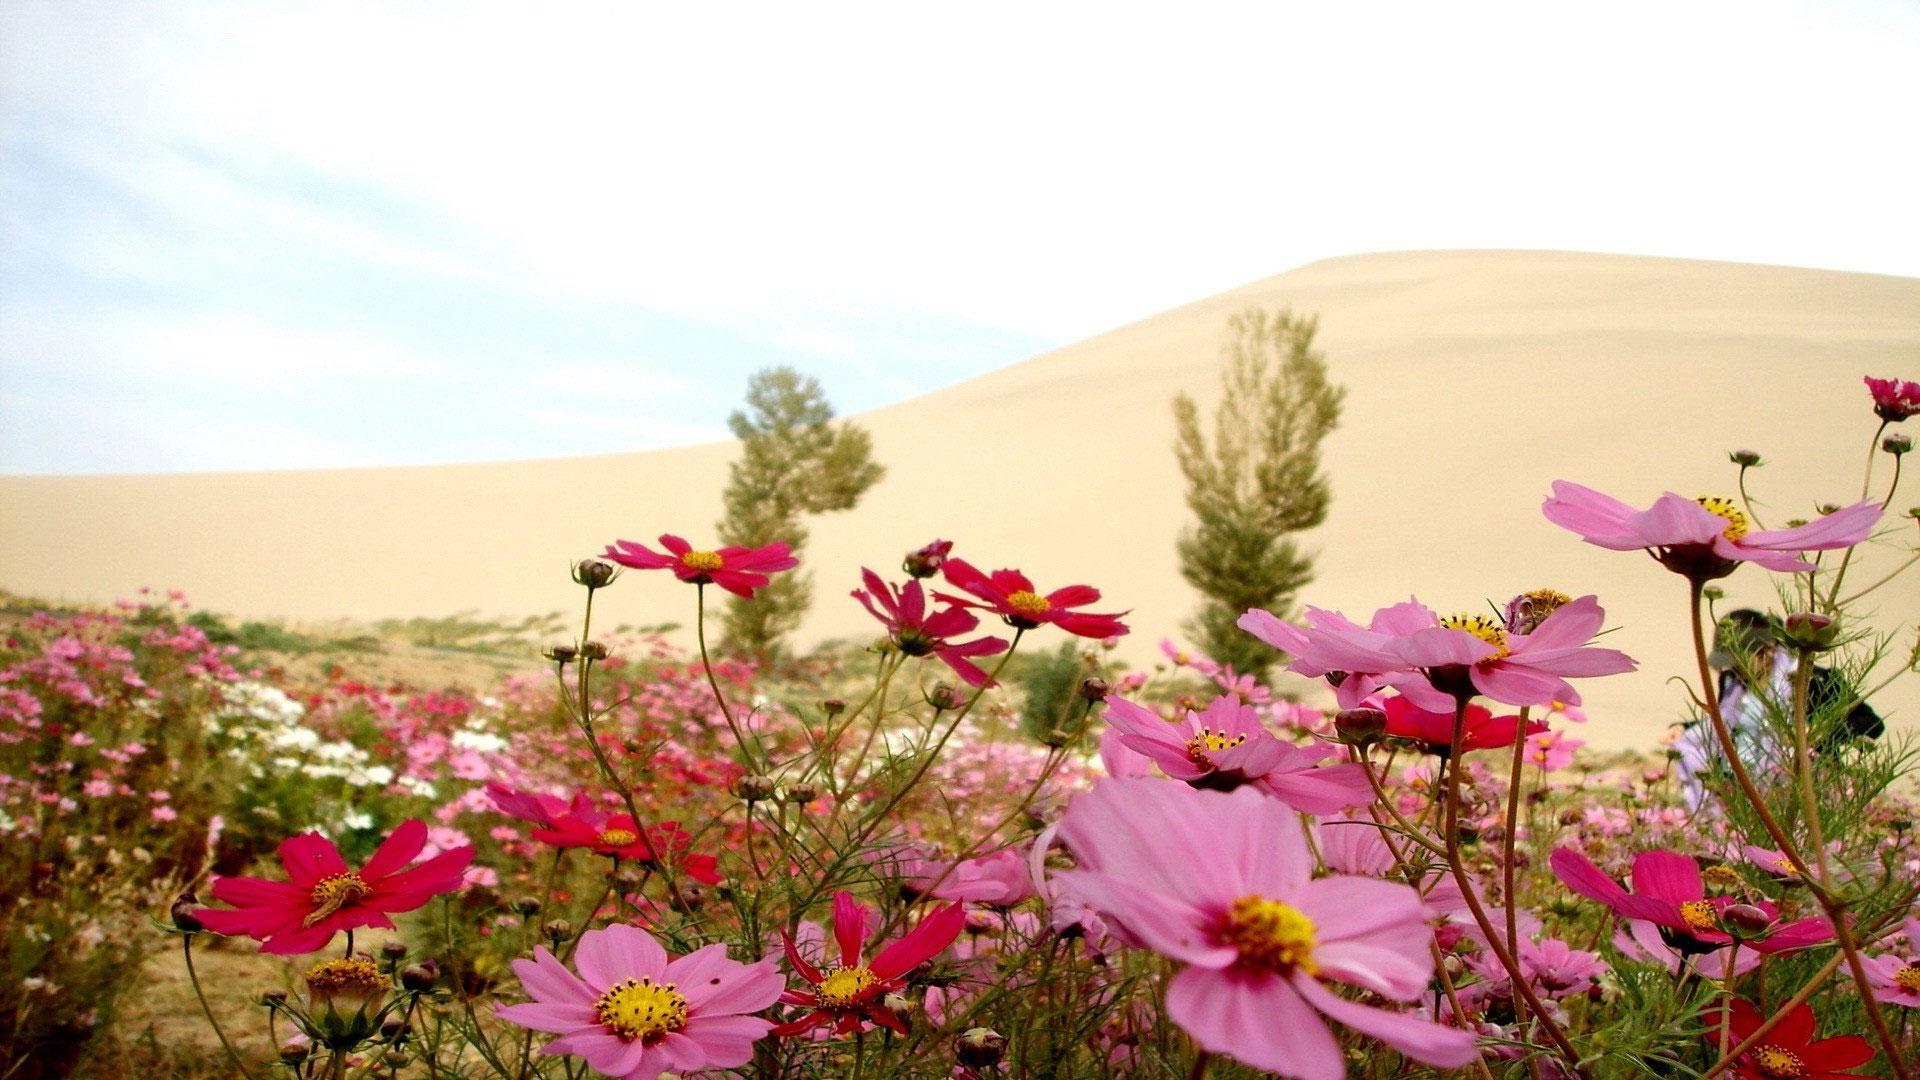 Полевые цветы фото из альбома цветы